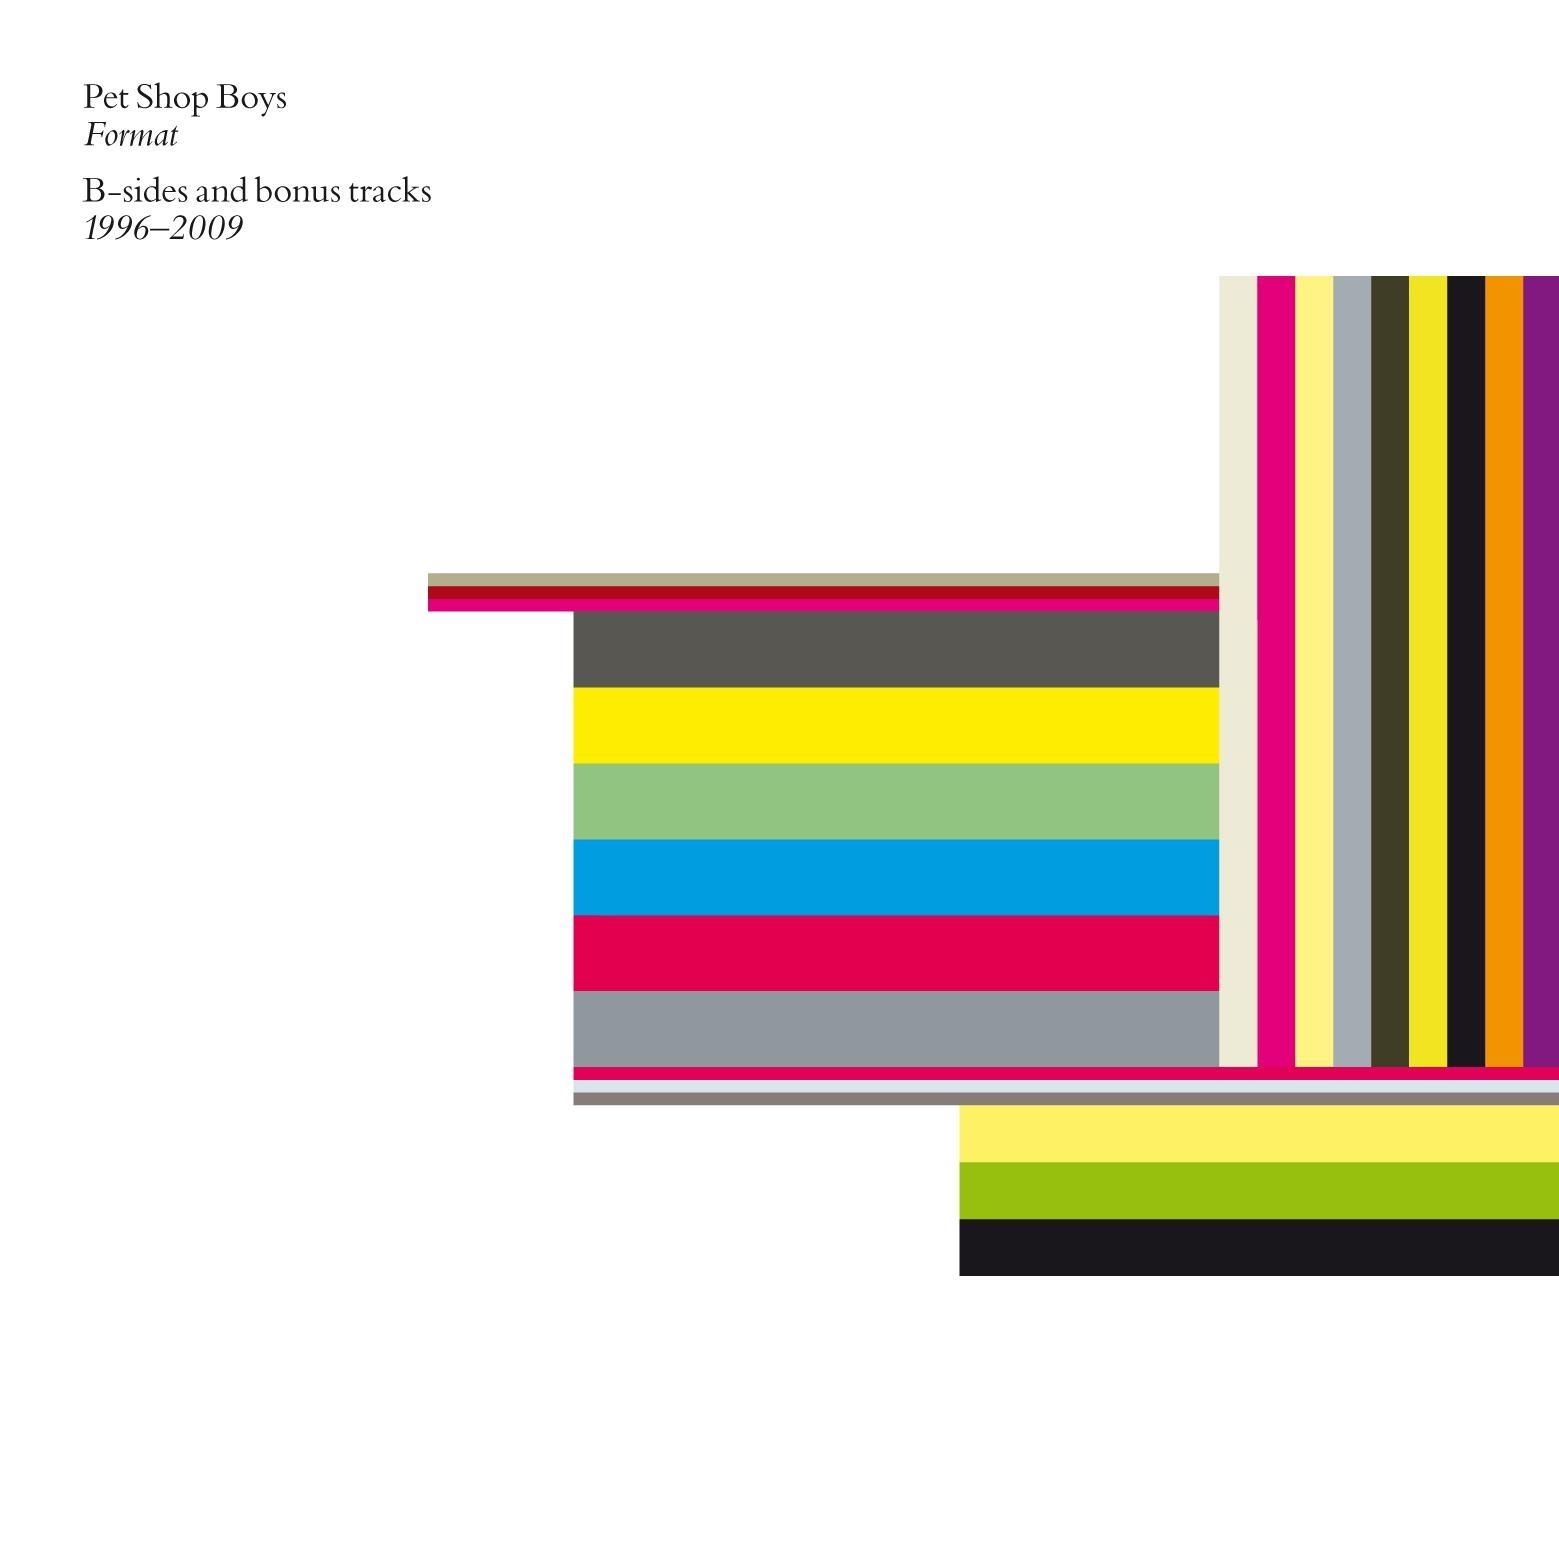 Pet Shop Boys – Format